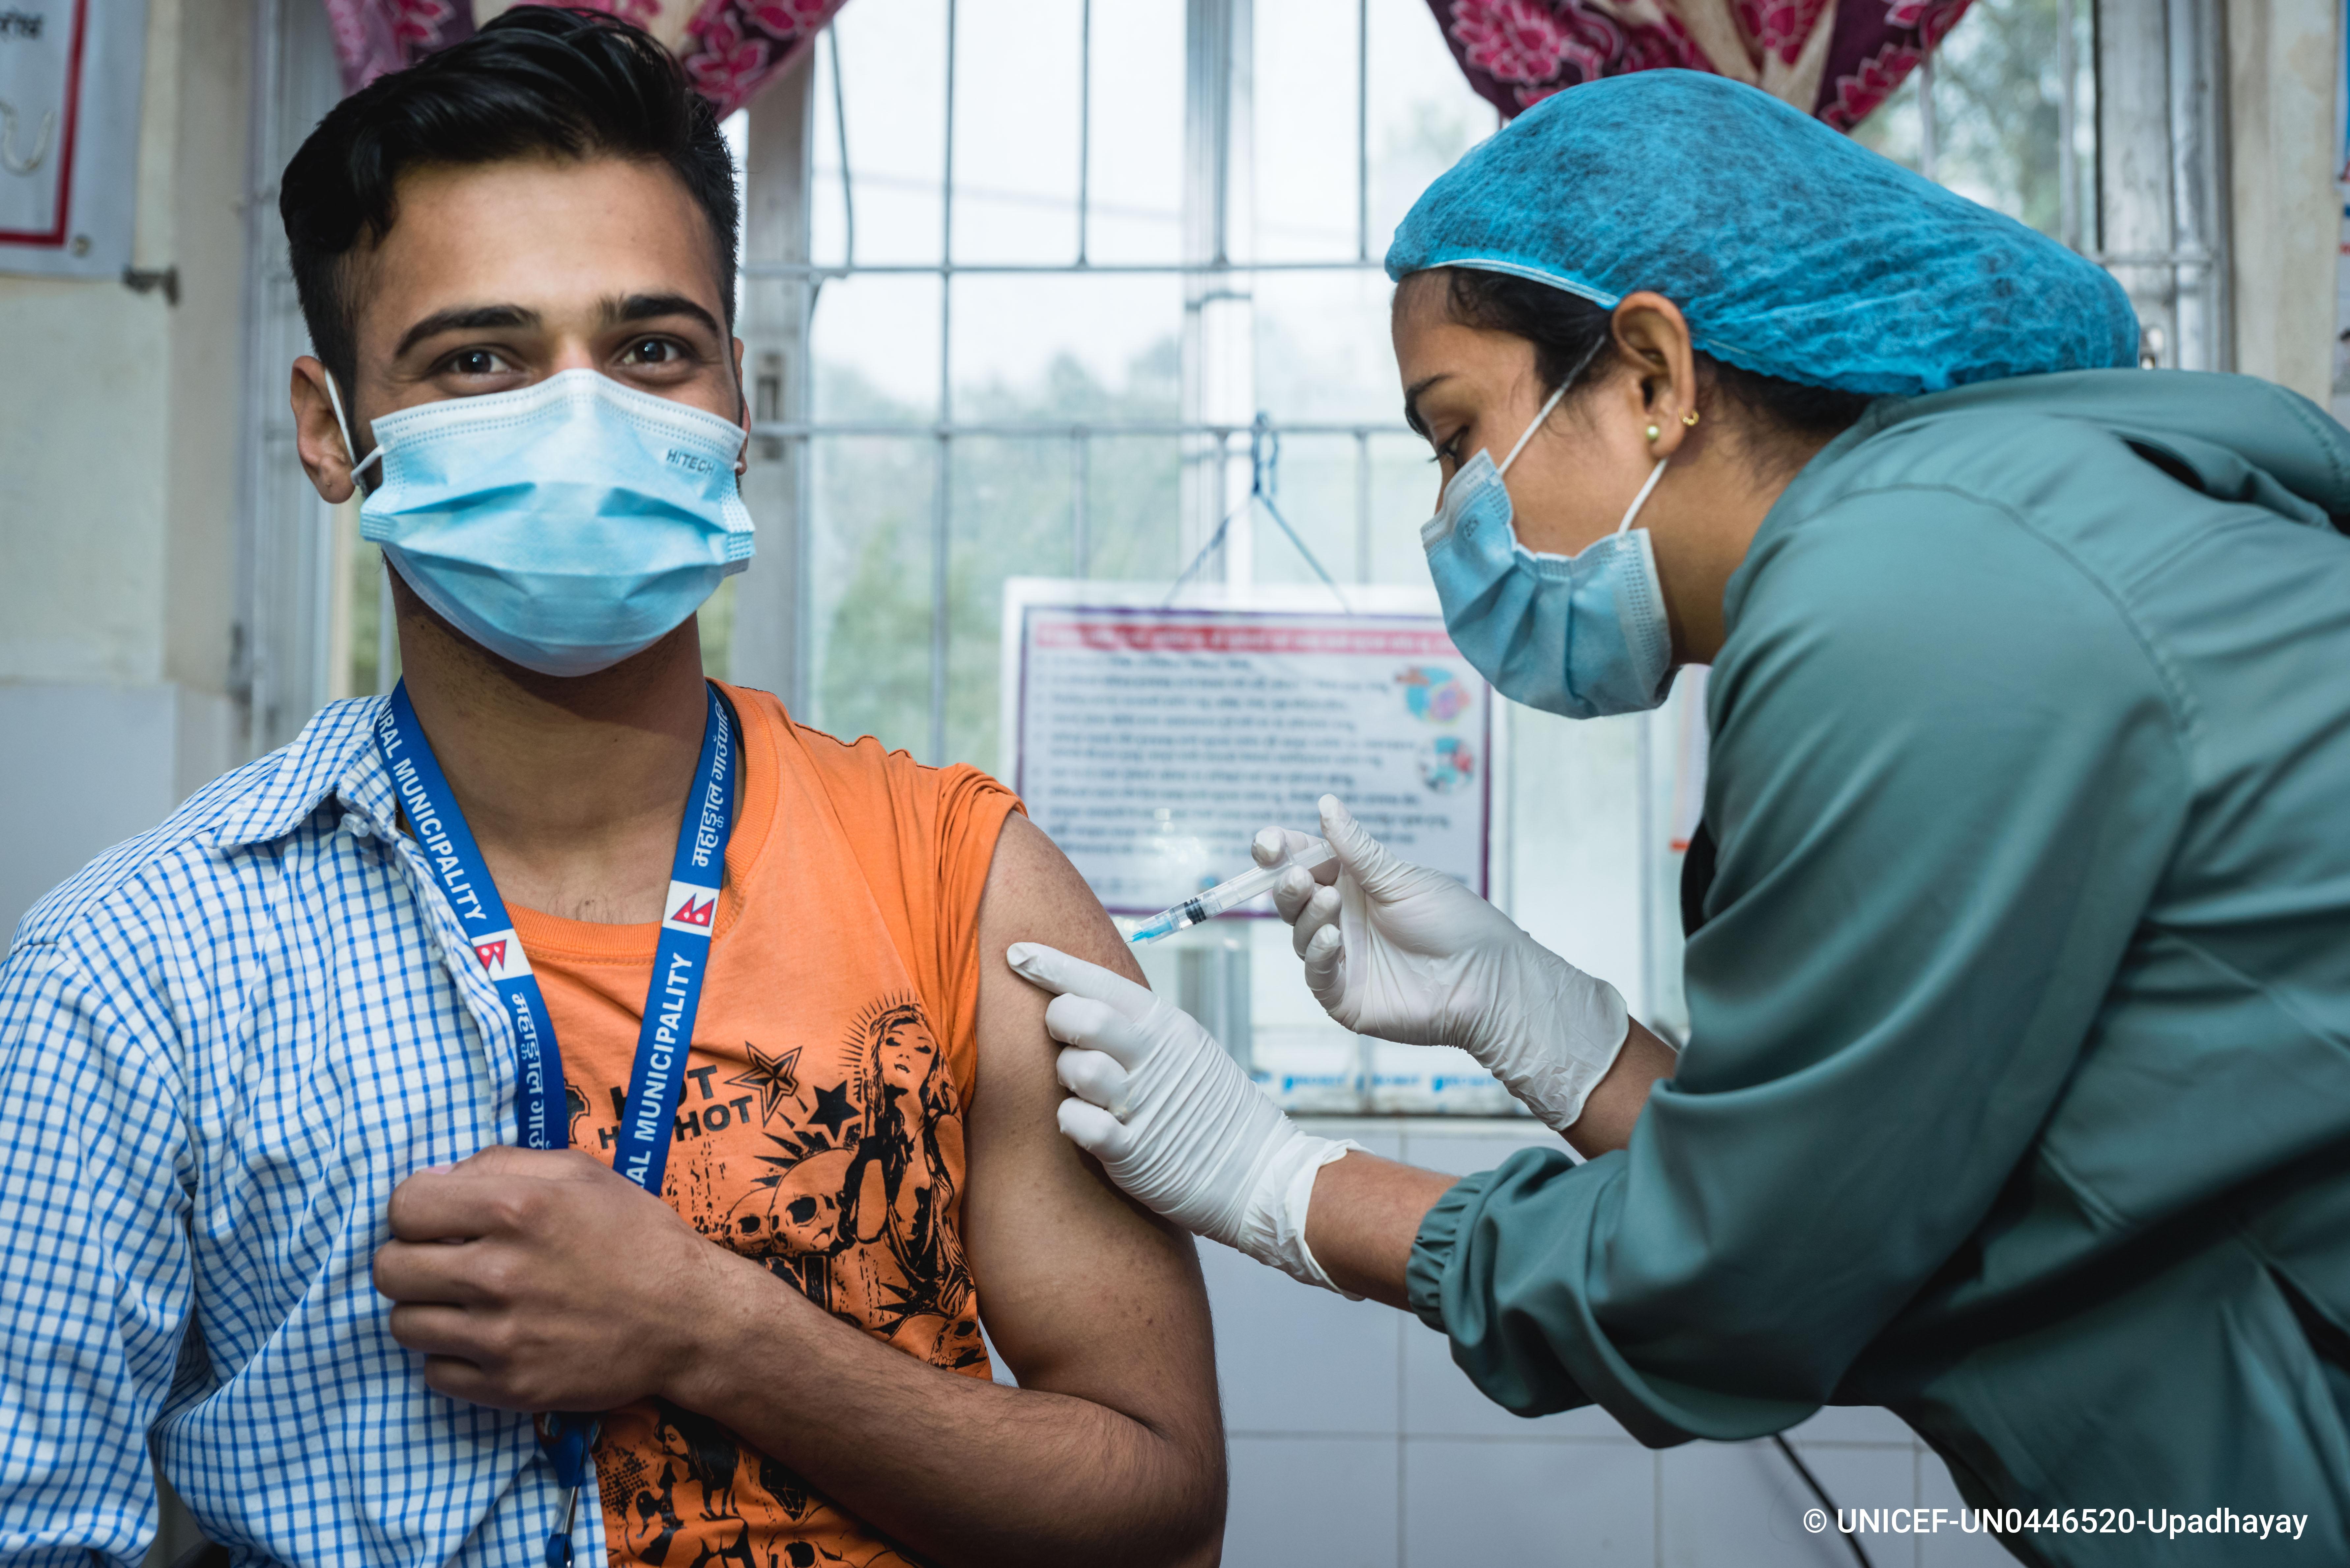 El Grupo Fagor apoya a COVAX para la distribución de vacunas en los países más vulnerables